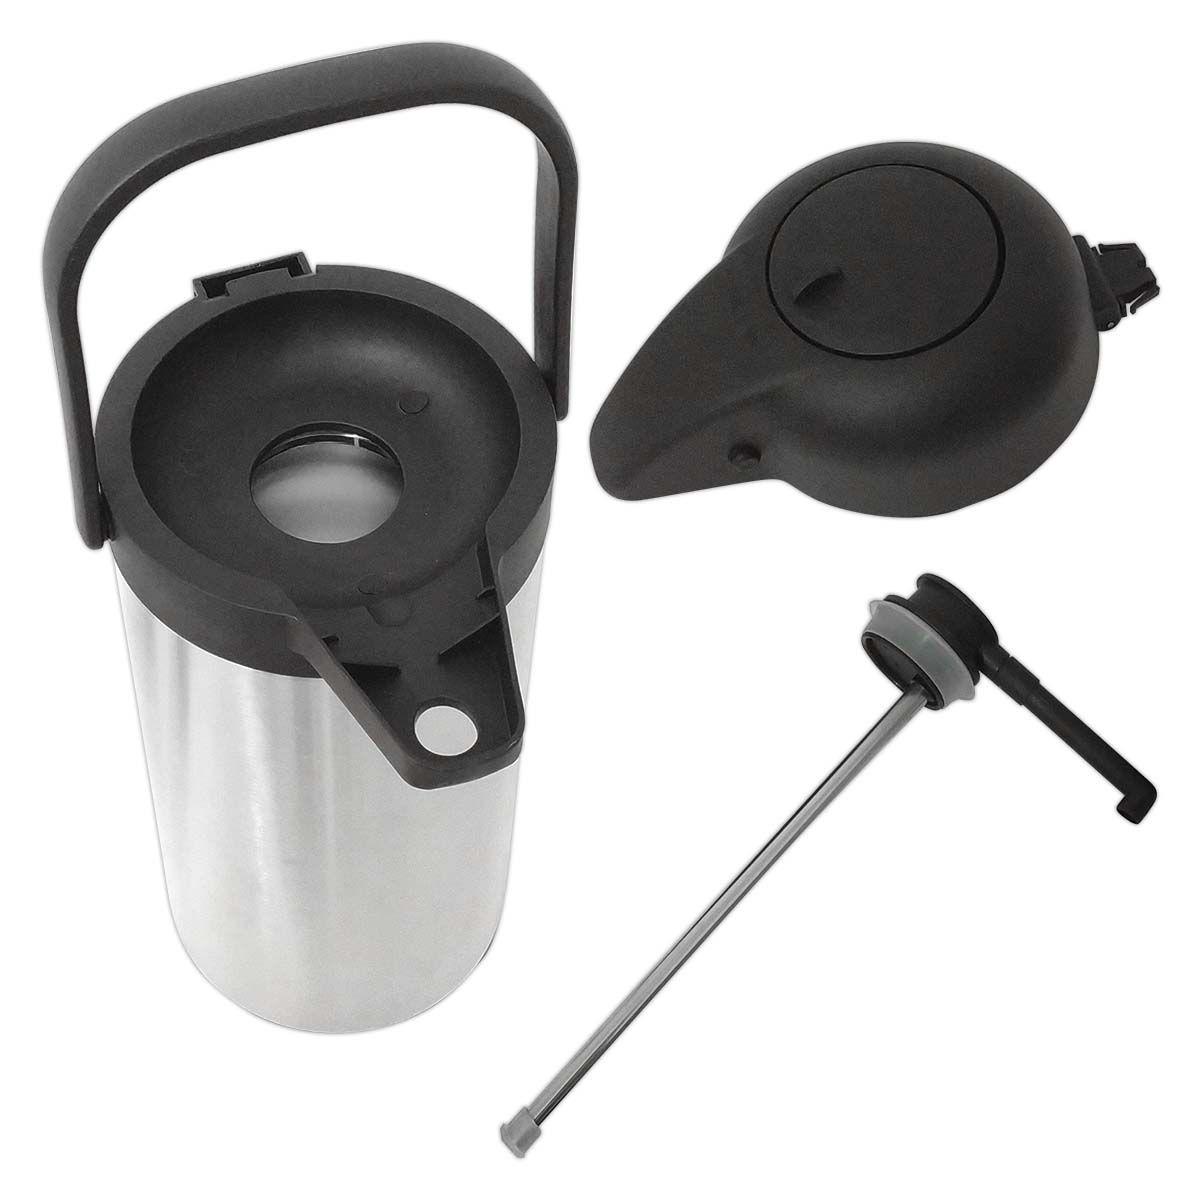 Garrafa Térmica Aço Inox E Plástico 2,2 Litros - Frigopro